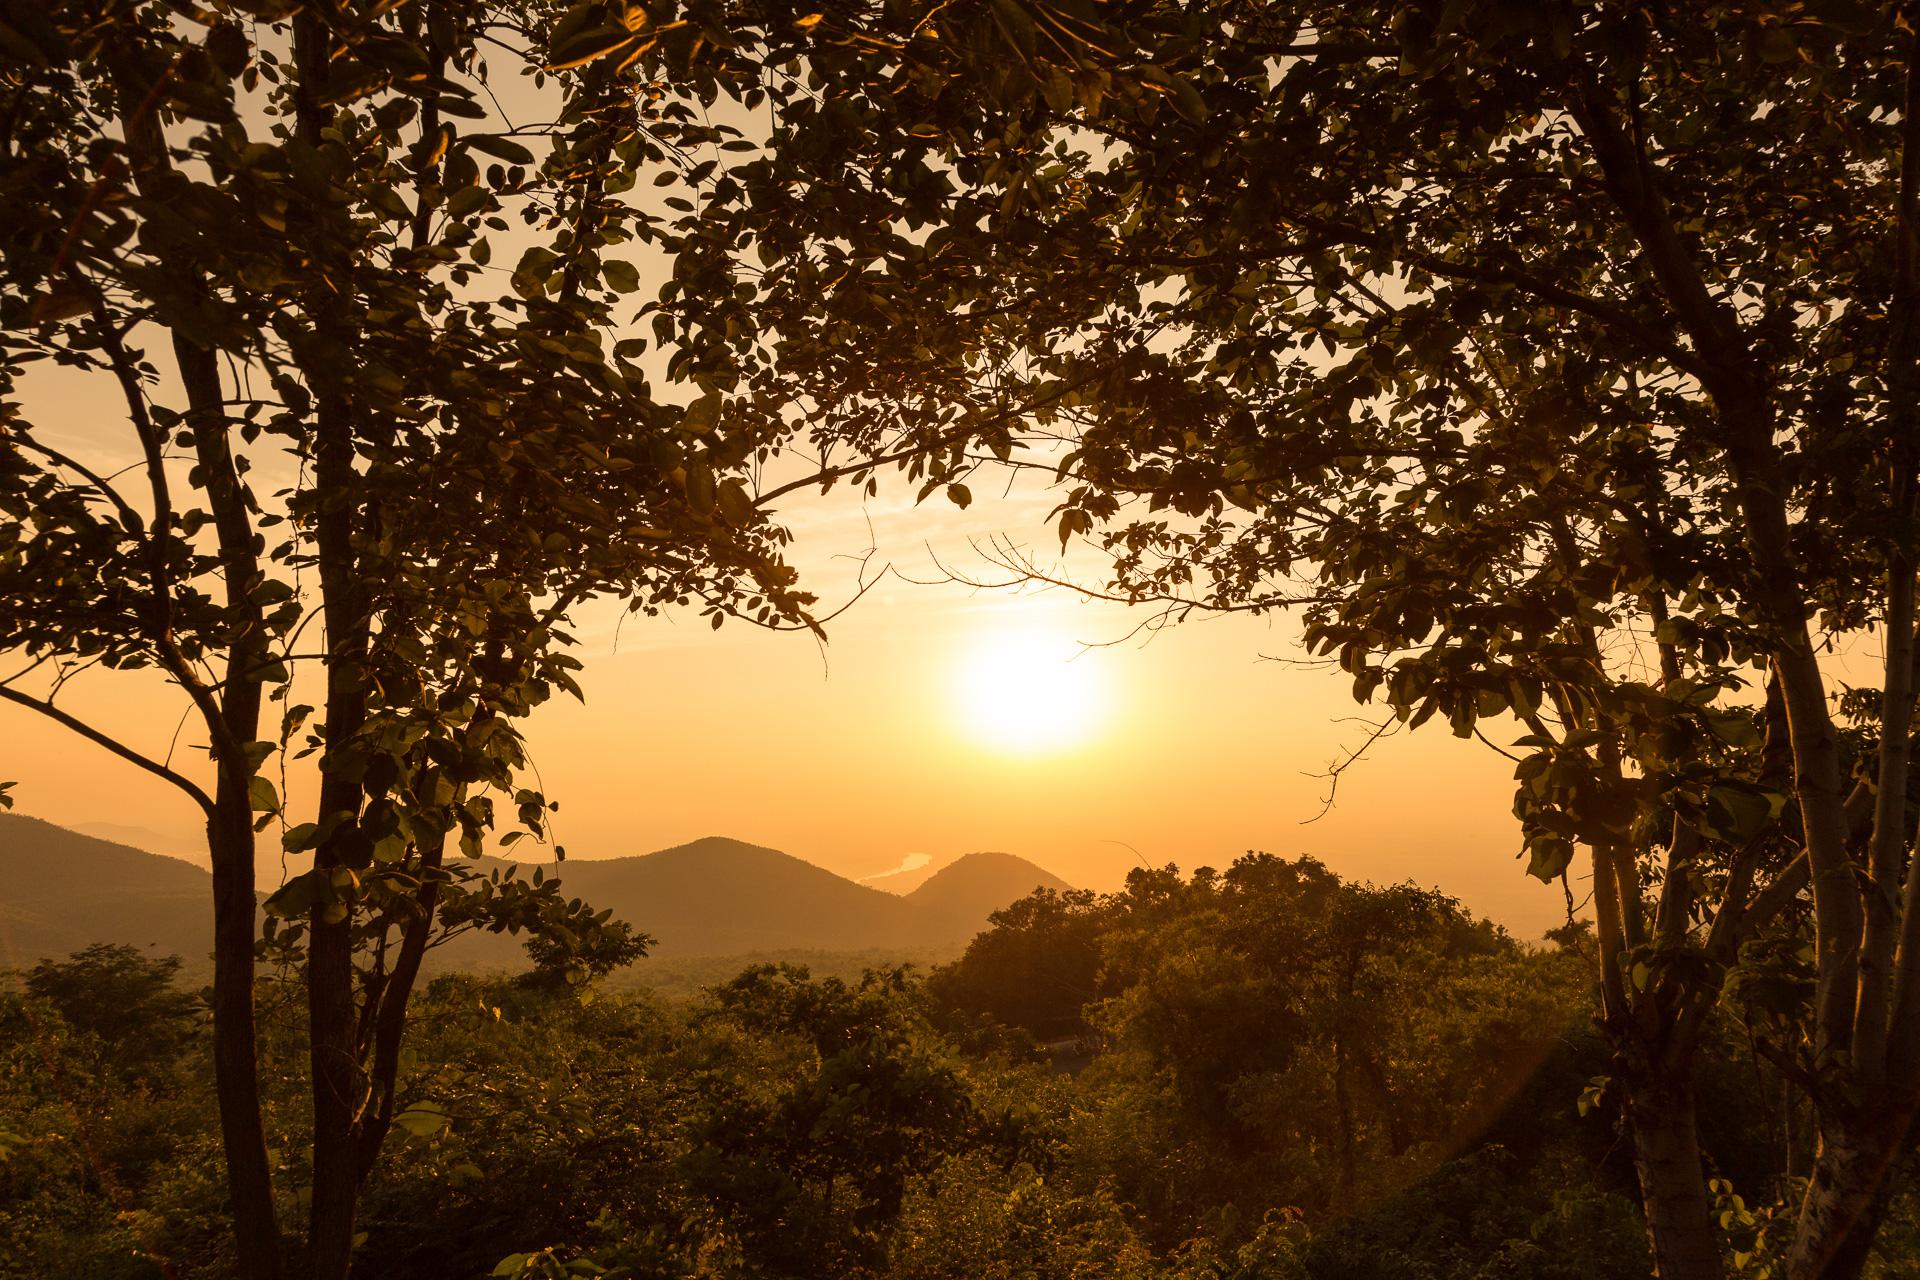 myanmar-reportage-wisckow-043.jpg